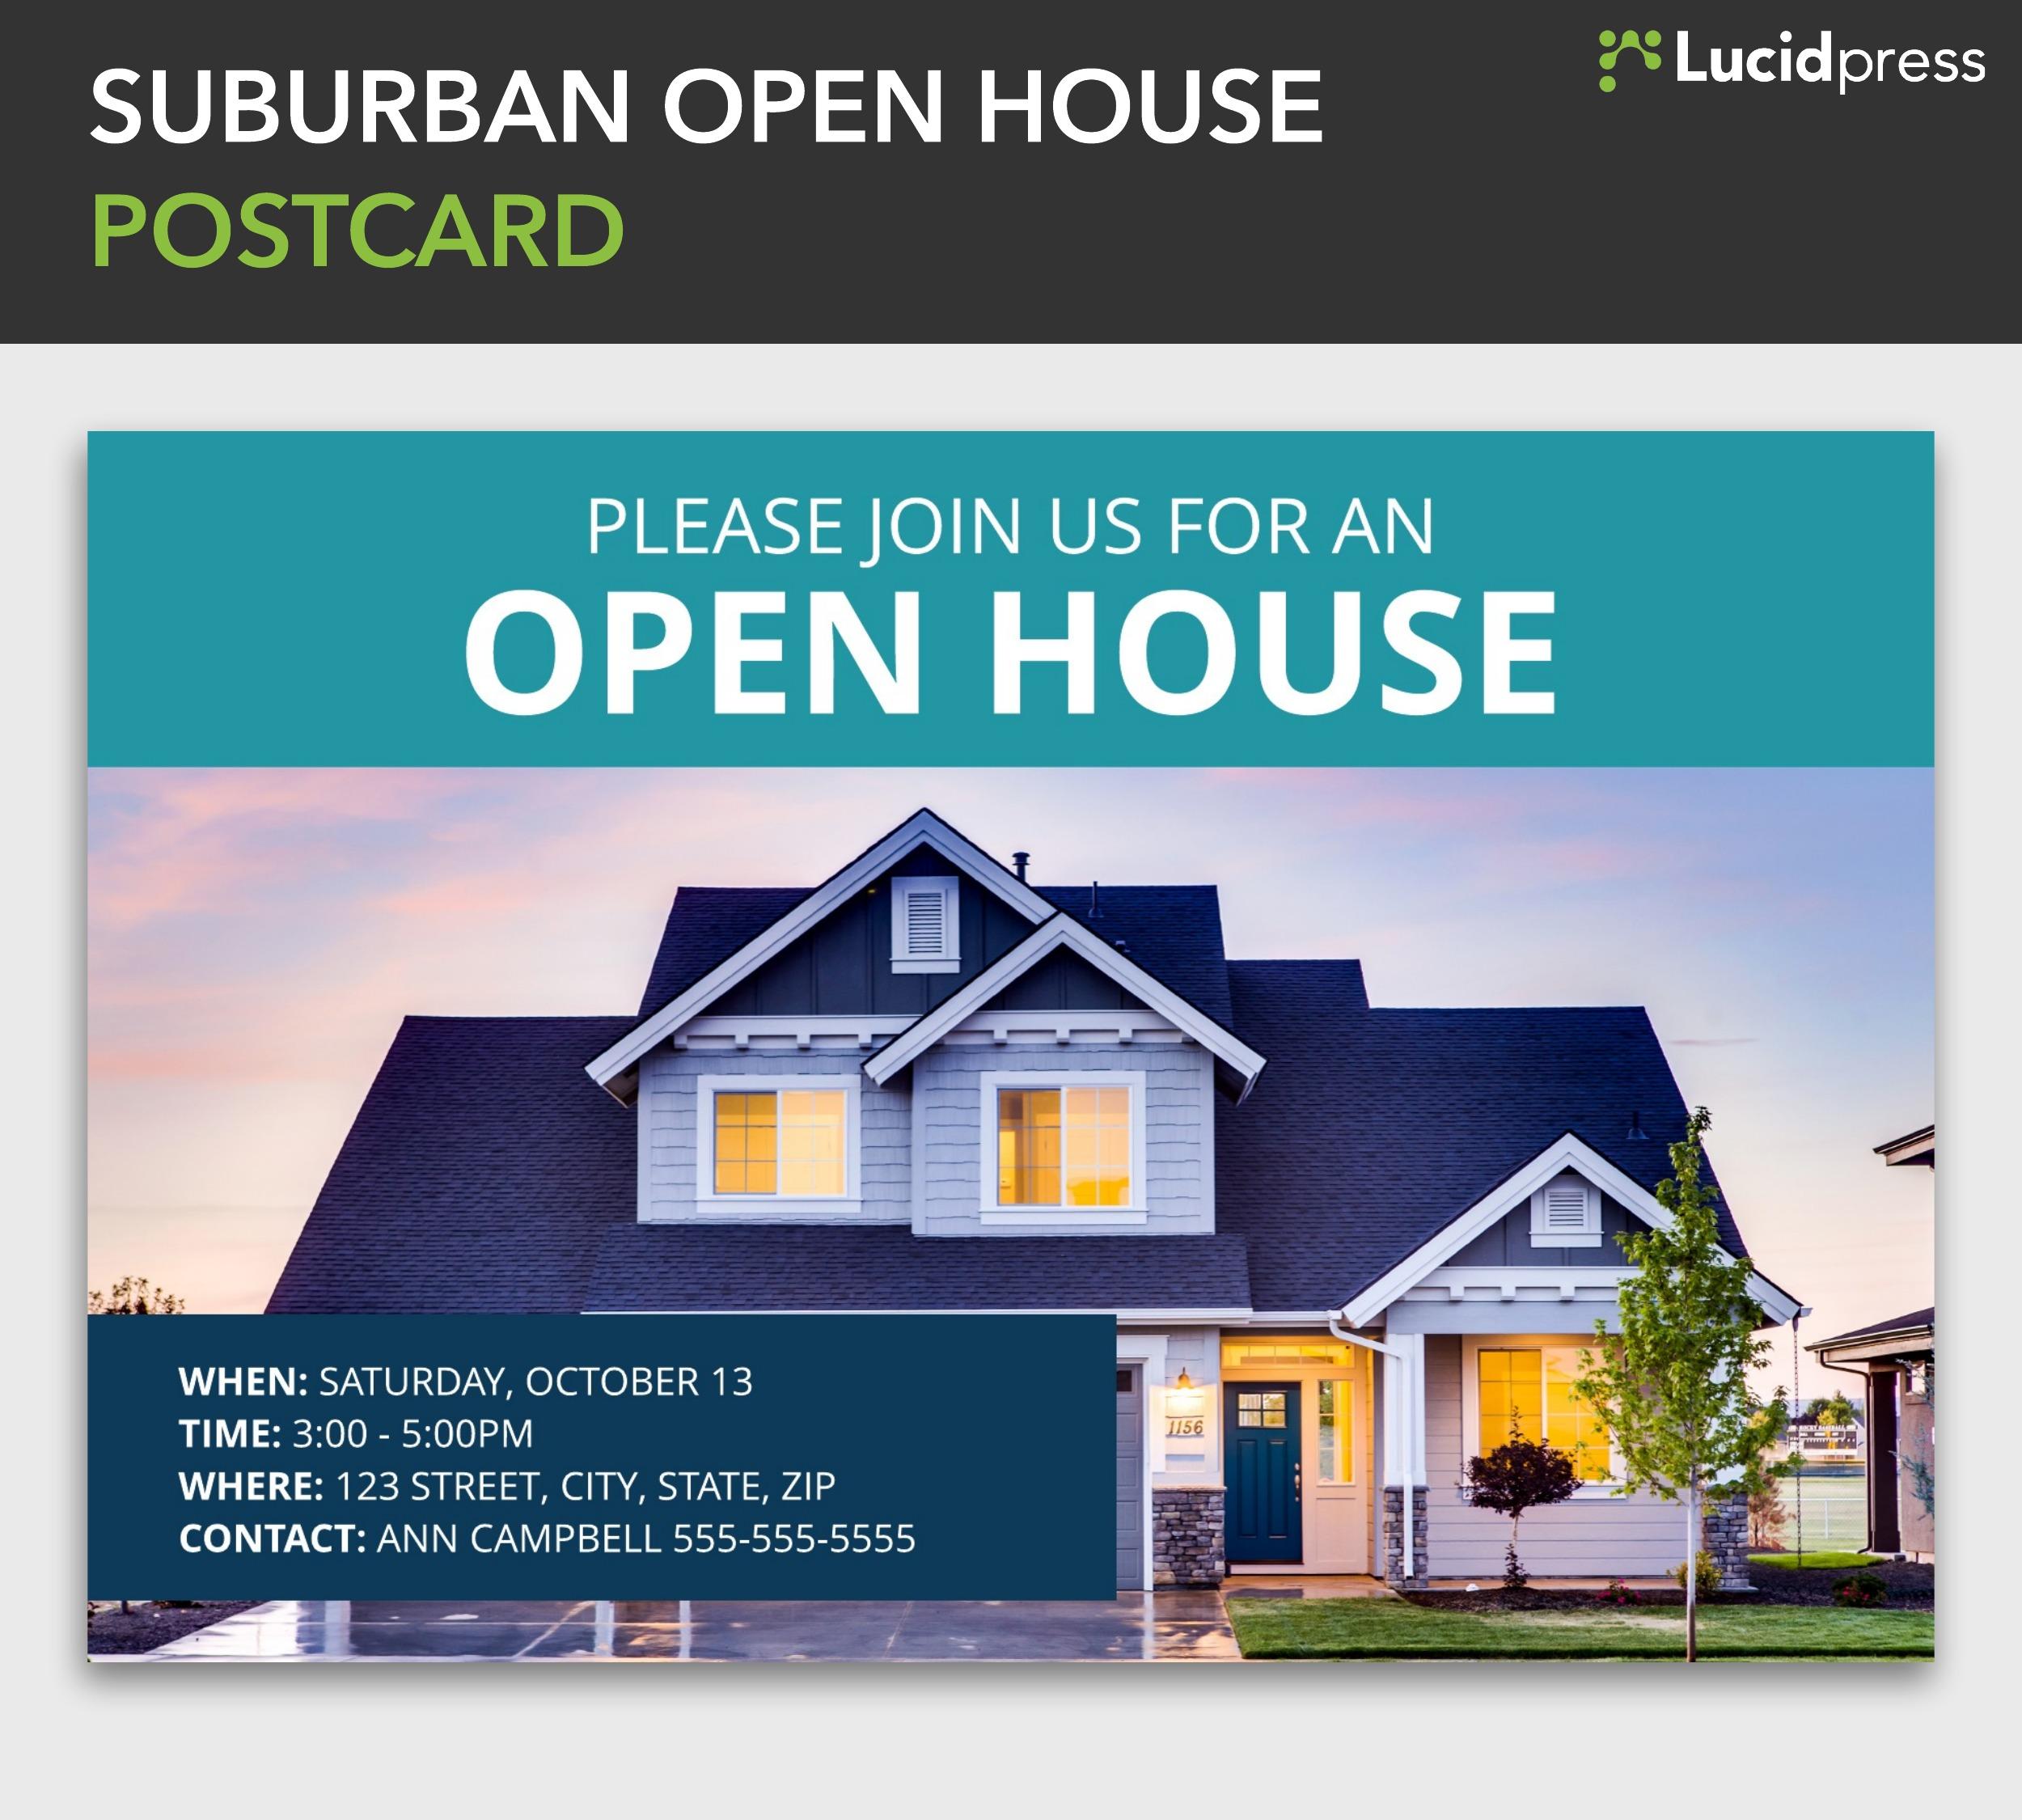 Suburban open house postcard template lucidpress maxwellsz